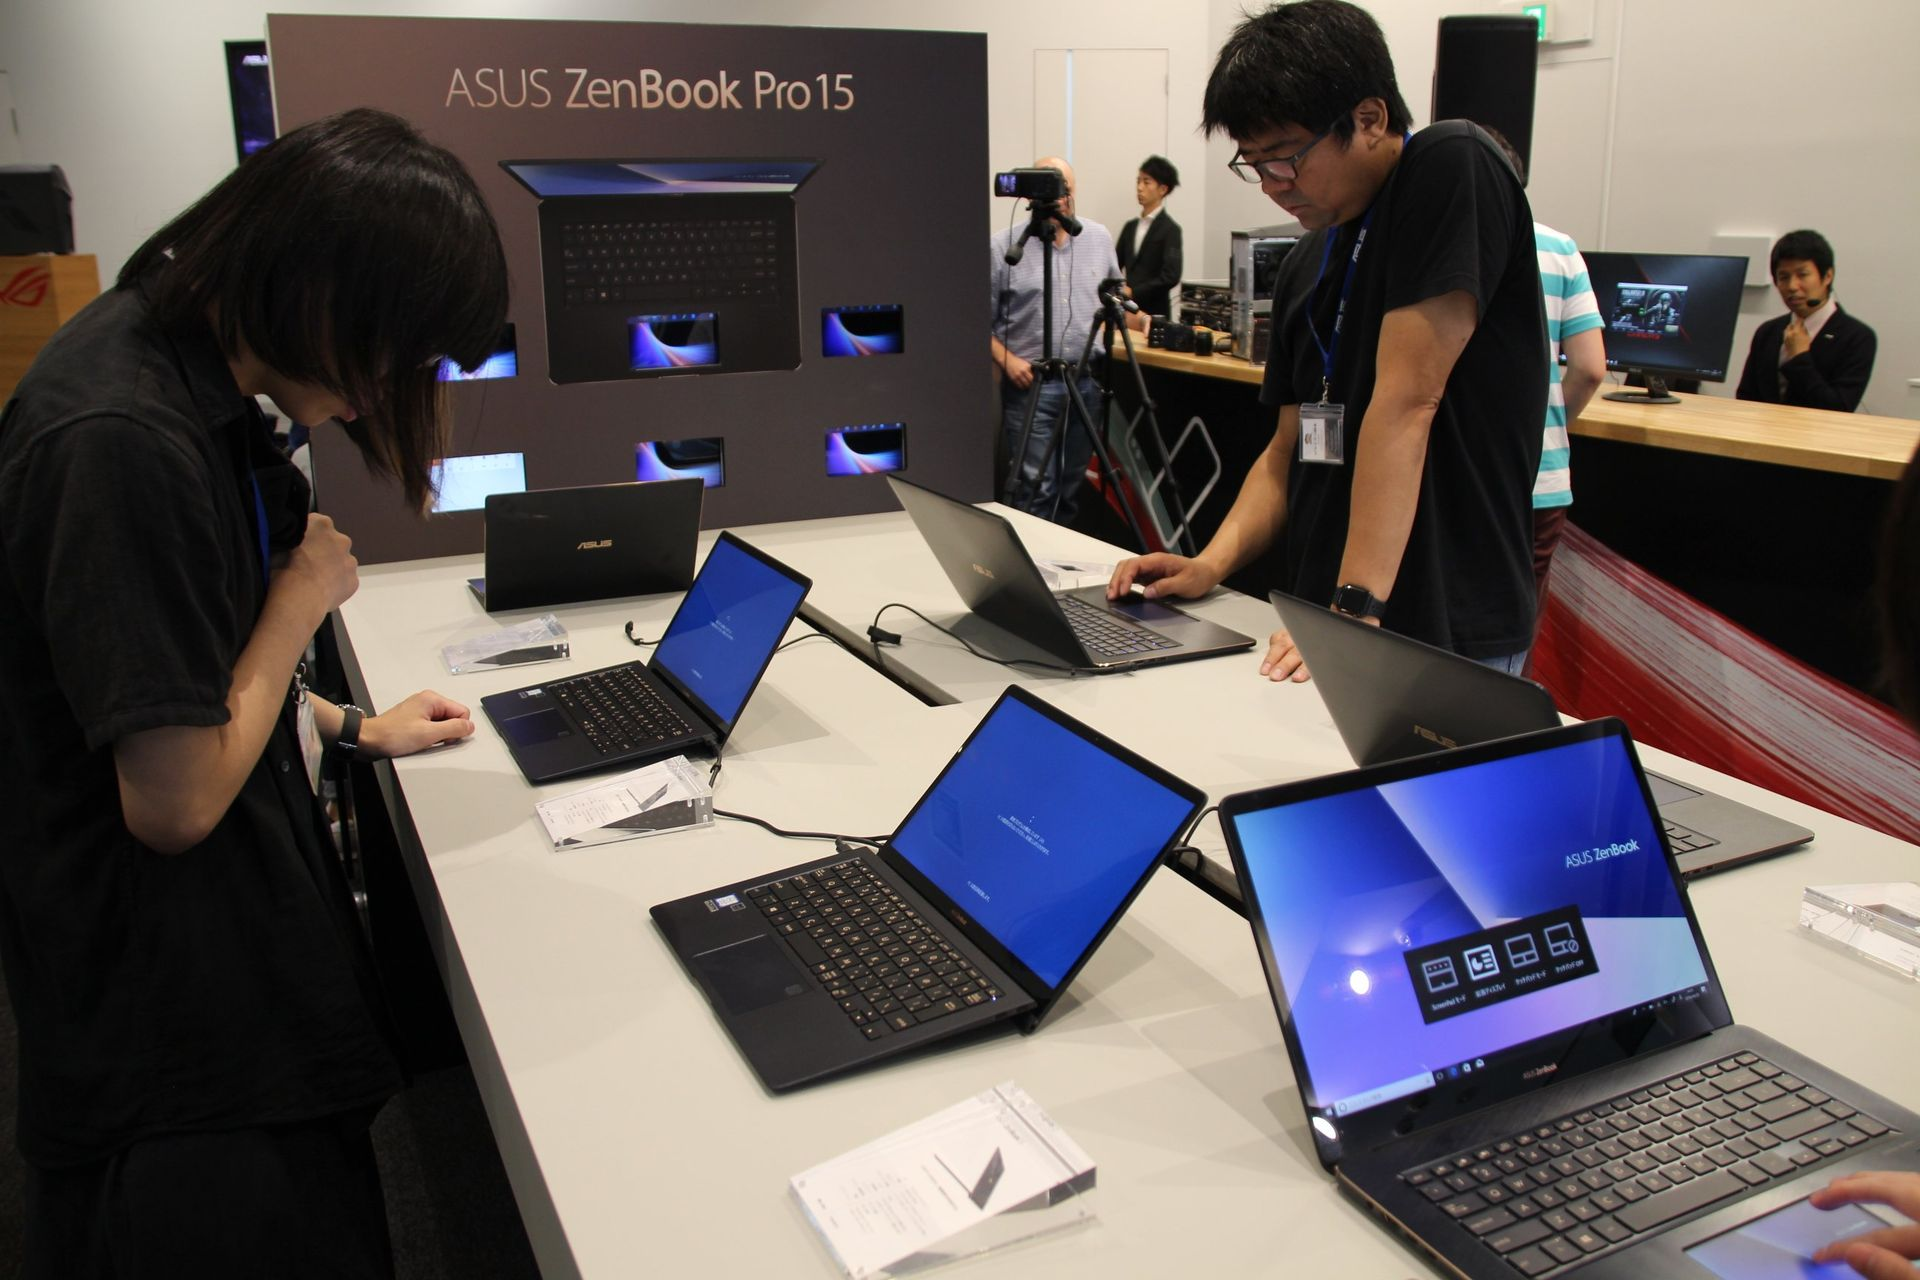 ASUSの主力商品であるZenBookの新製品が並べられている